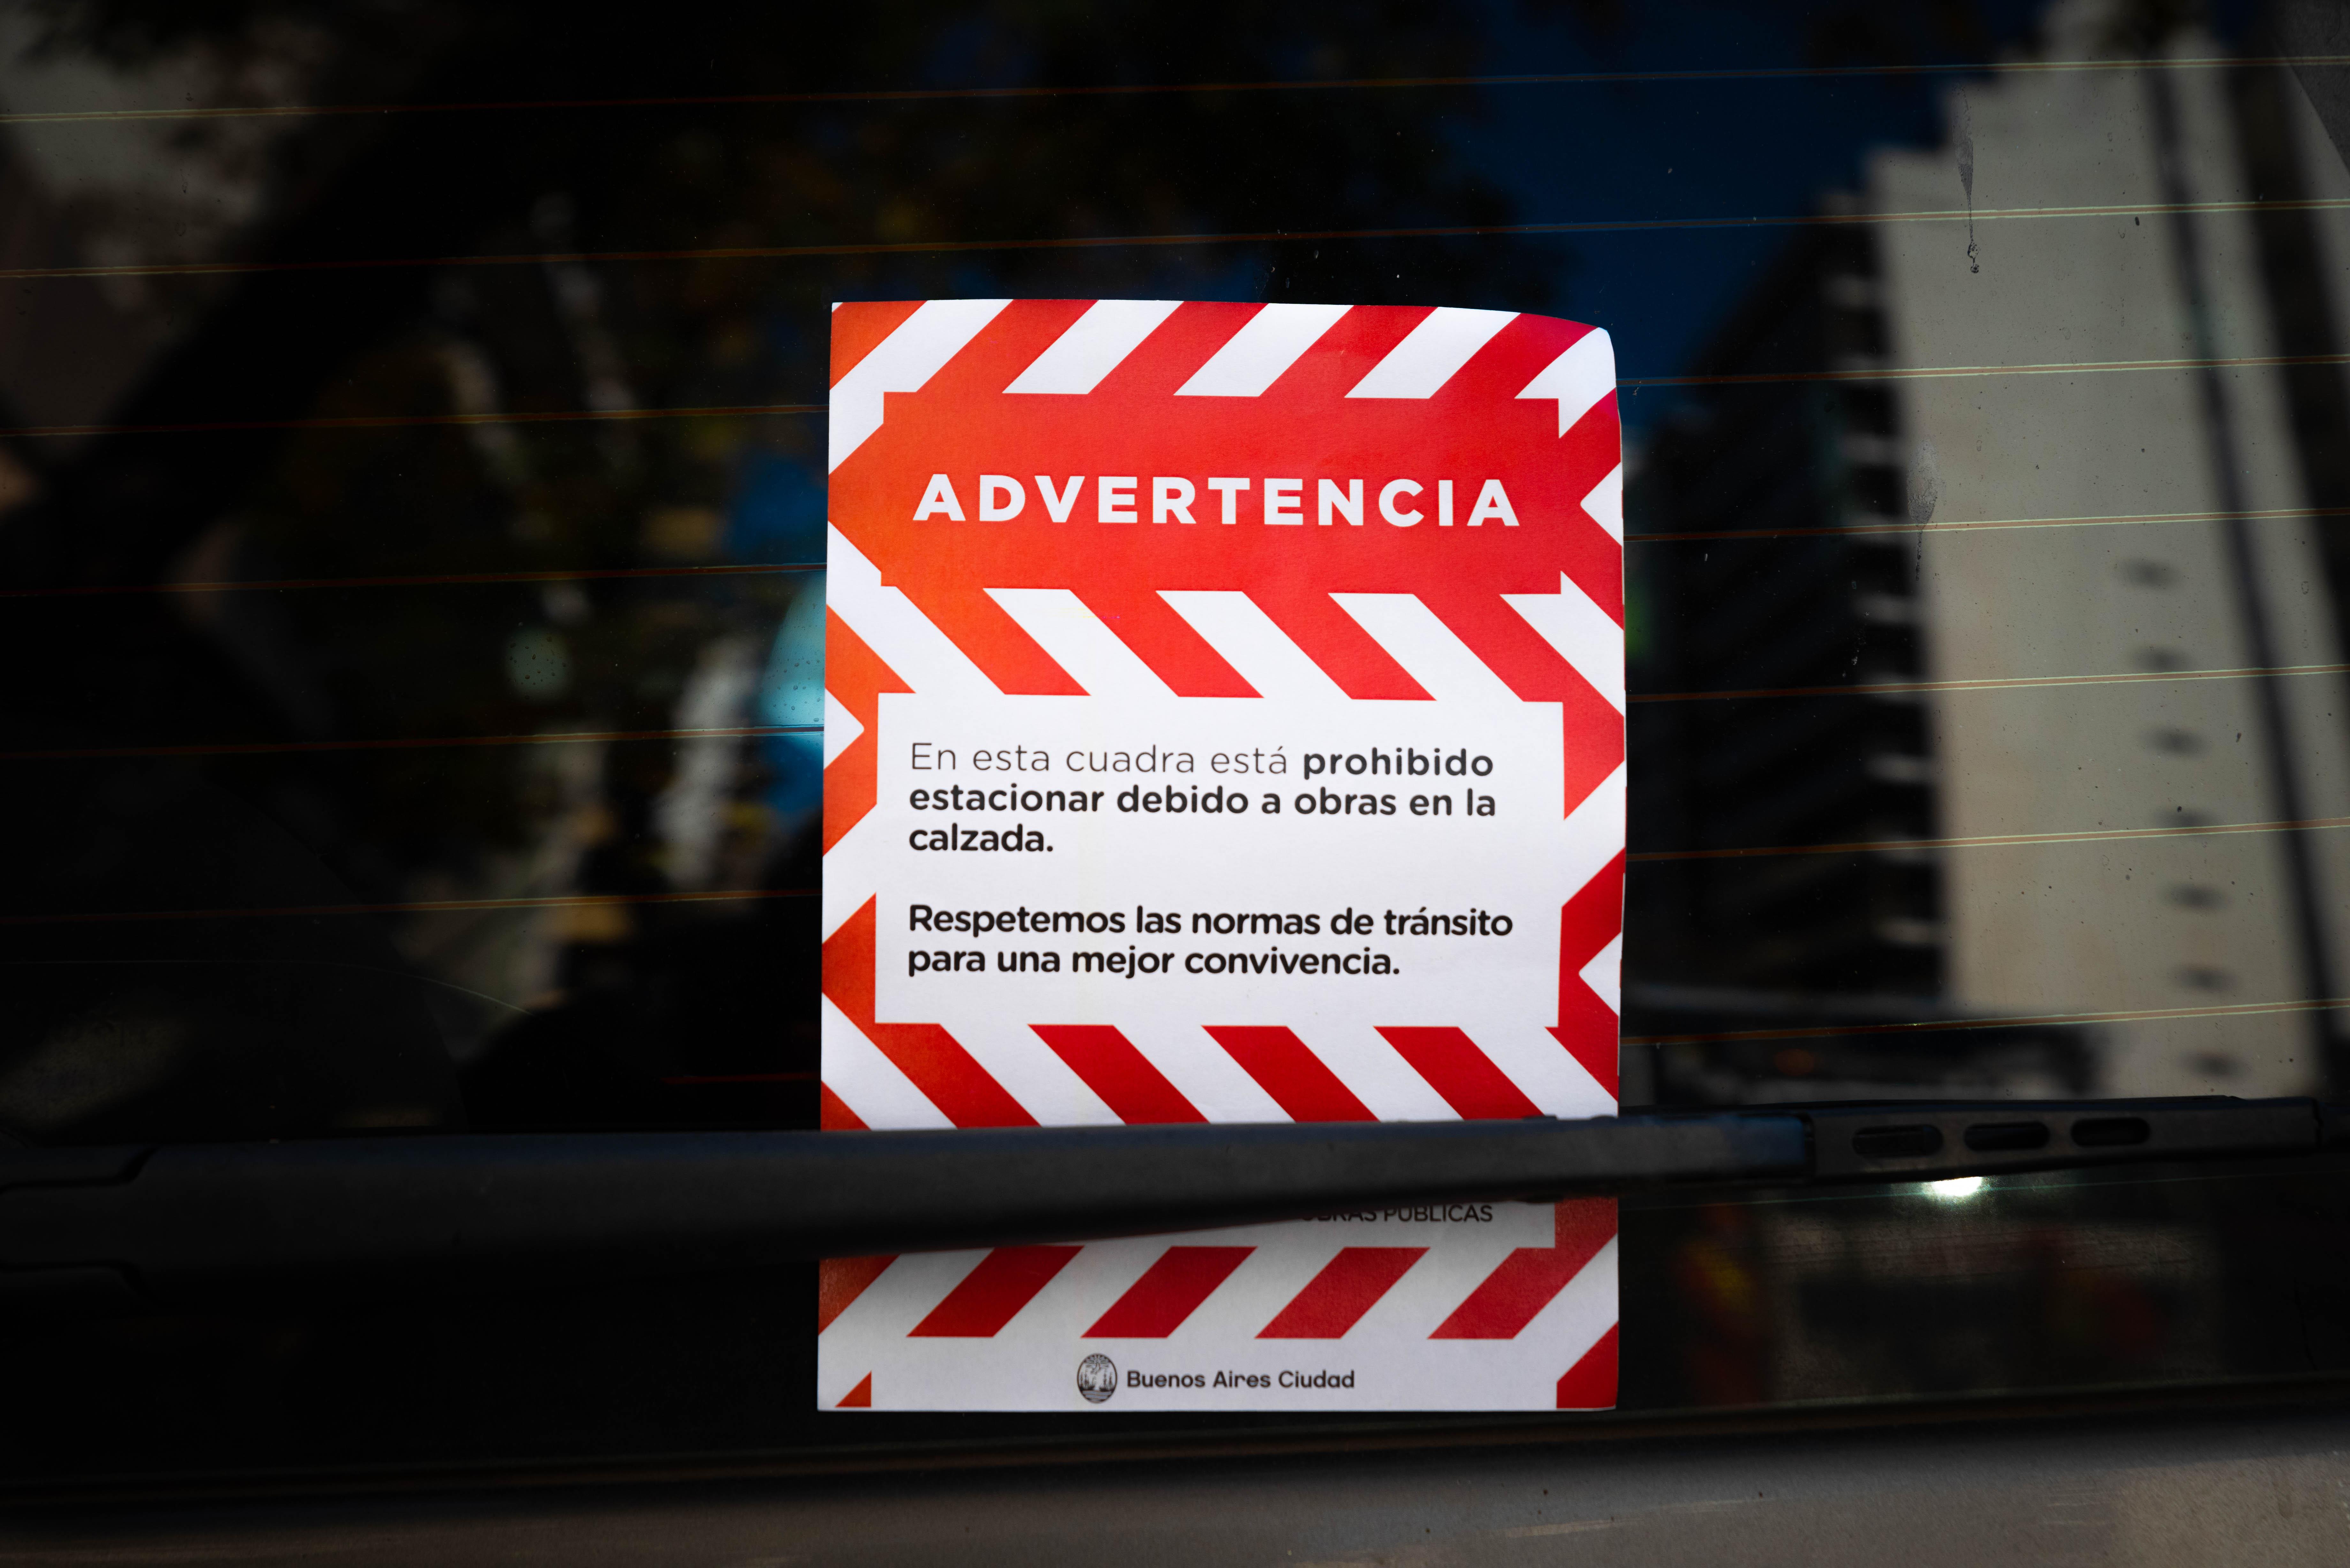 En las ampliaciones de veredas en ejes comerciales no se podrá estacionar en forma adyacente a la intervención, pero se garantizará la utilización de las cocheras , de manera similar a lo que sucede en las calles con ciclovías